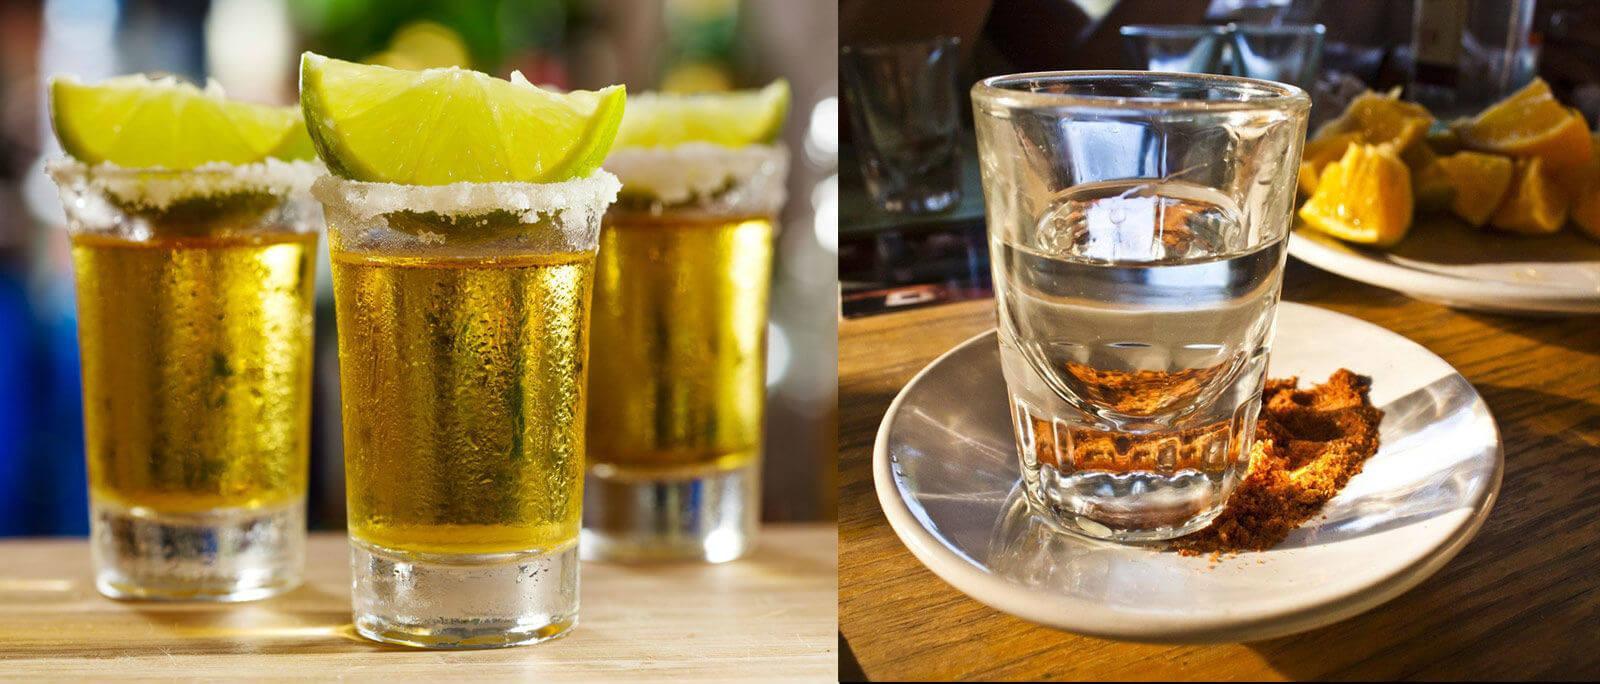 Si el tequila es un tipo de mezcal cul es la diferencia